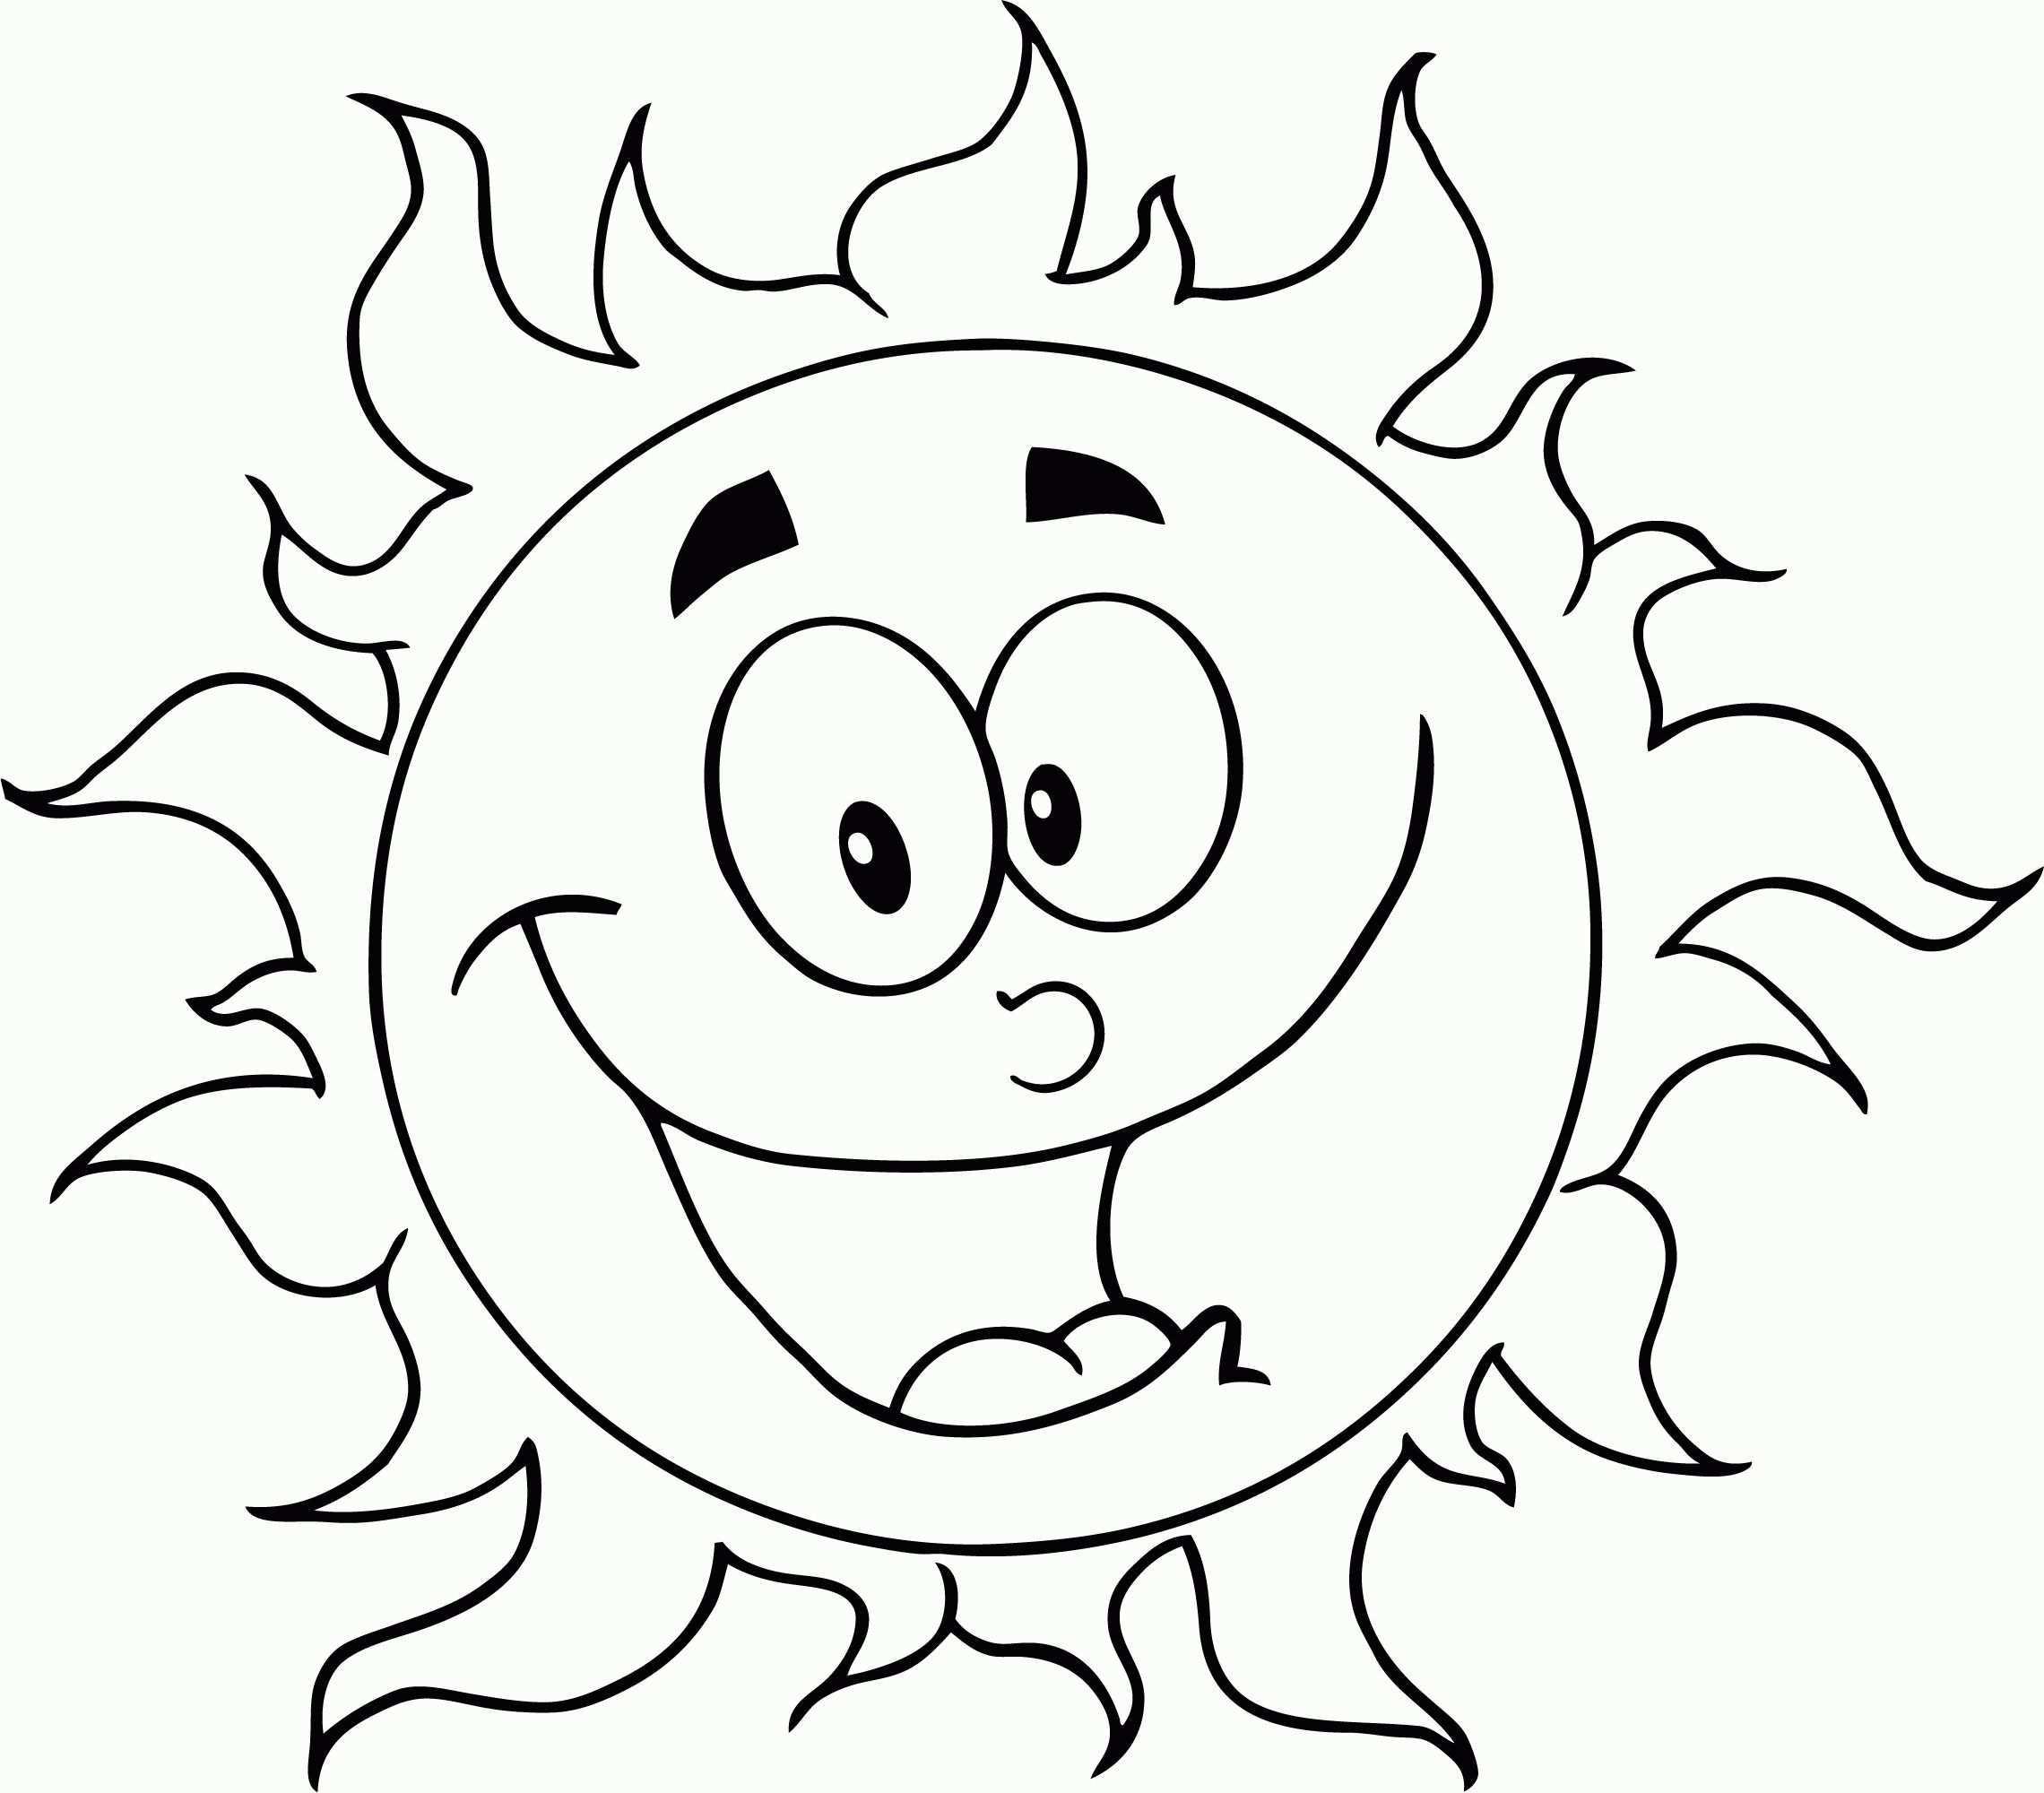 Ausmalbilder Zum Ausdrucken Sonne Mond Ausmalbilder Malvorlagen Fur Kinder Ausmalen